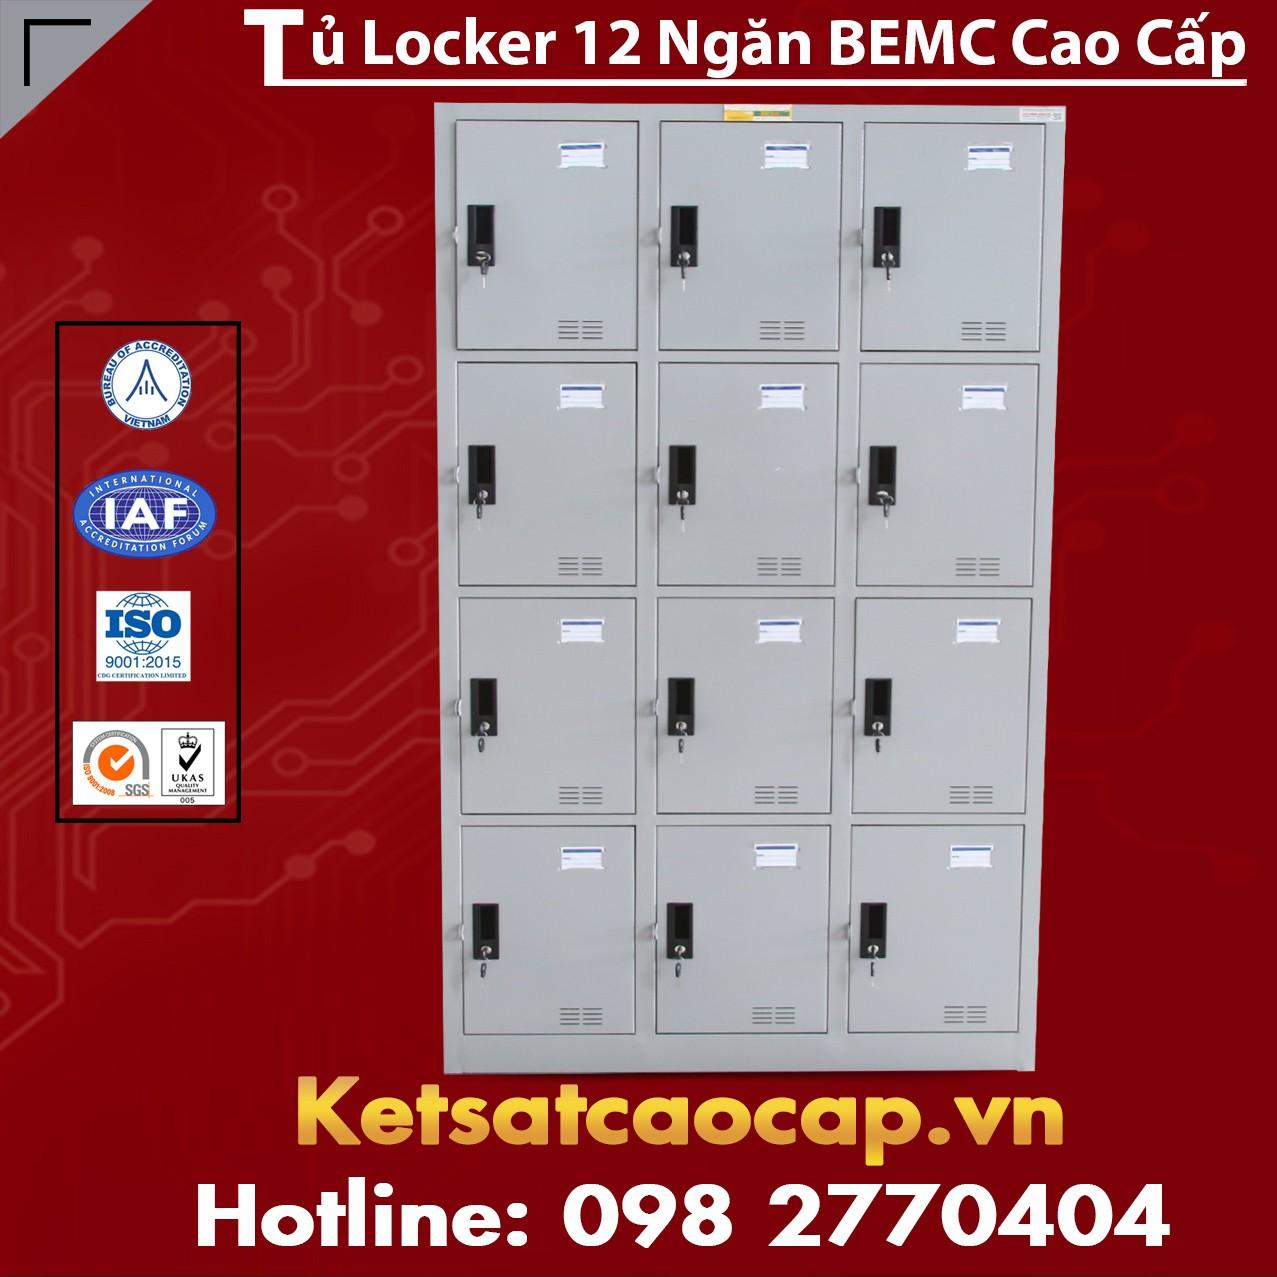 Tủ Locker 12 Ngăn BEMC